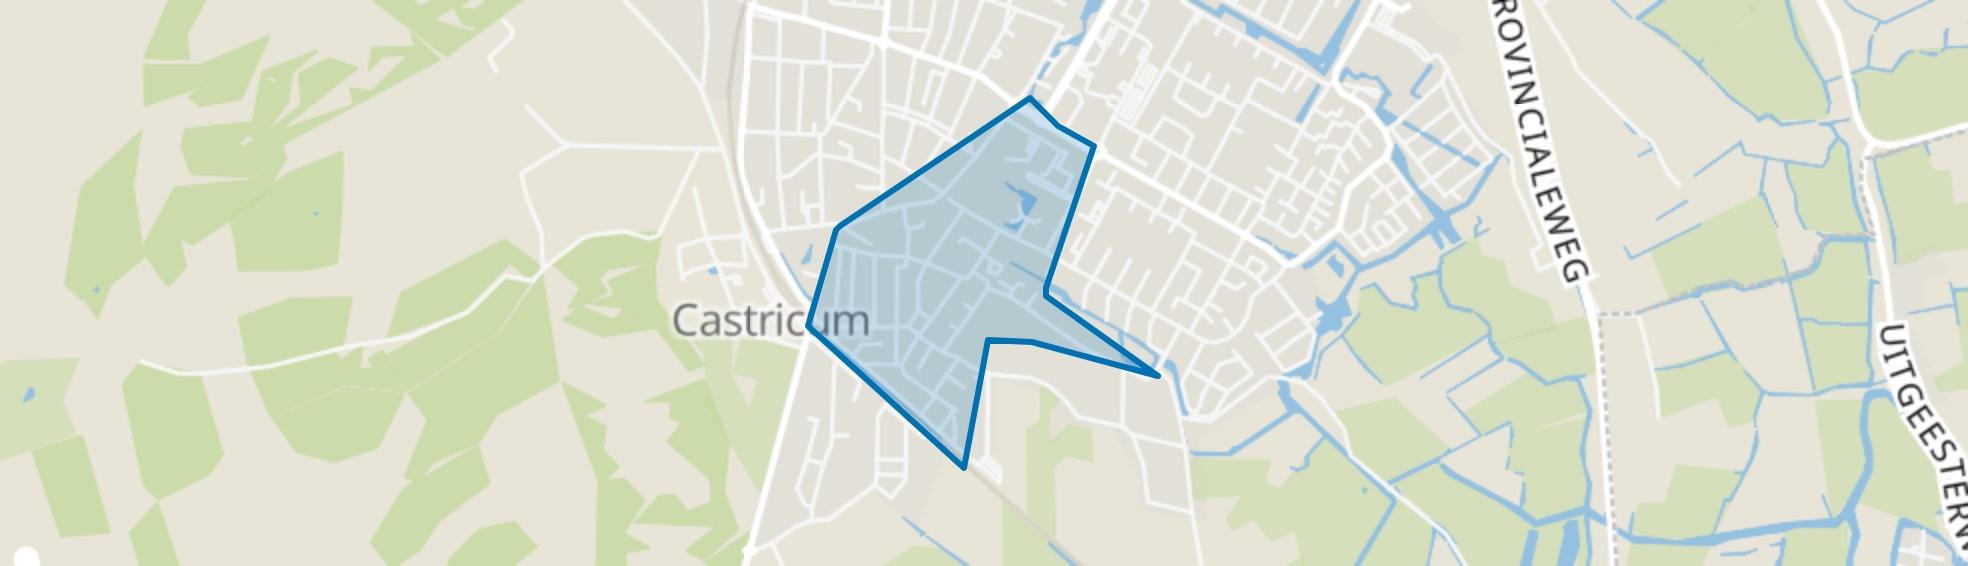 Centrum-Zuid, Castricum map